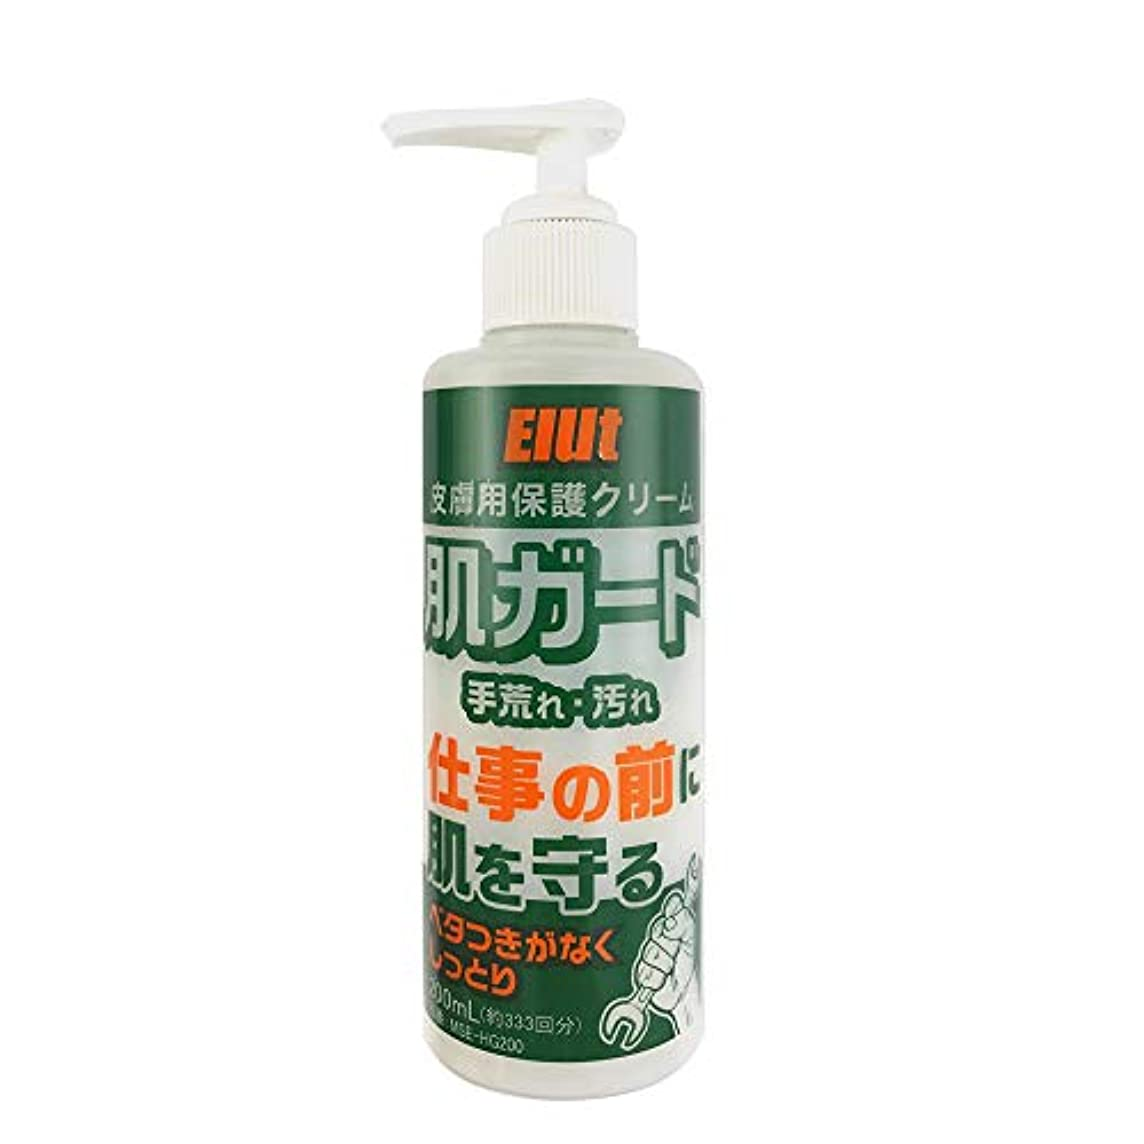 チューリップアグネスグレイシャイニング皮膚要保護クリーム 肌ガード 200ml Elut エルト/手の汚れ落とし、手の臭い落とし、手荒れ予防に効果的面! 臭いなし、ベタつきなしでとても使いやすいです。